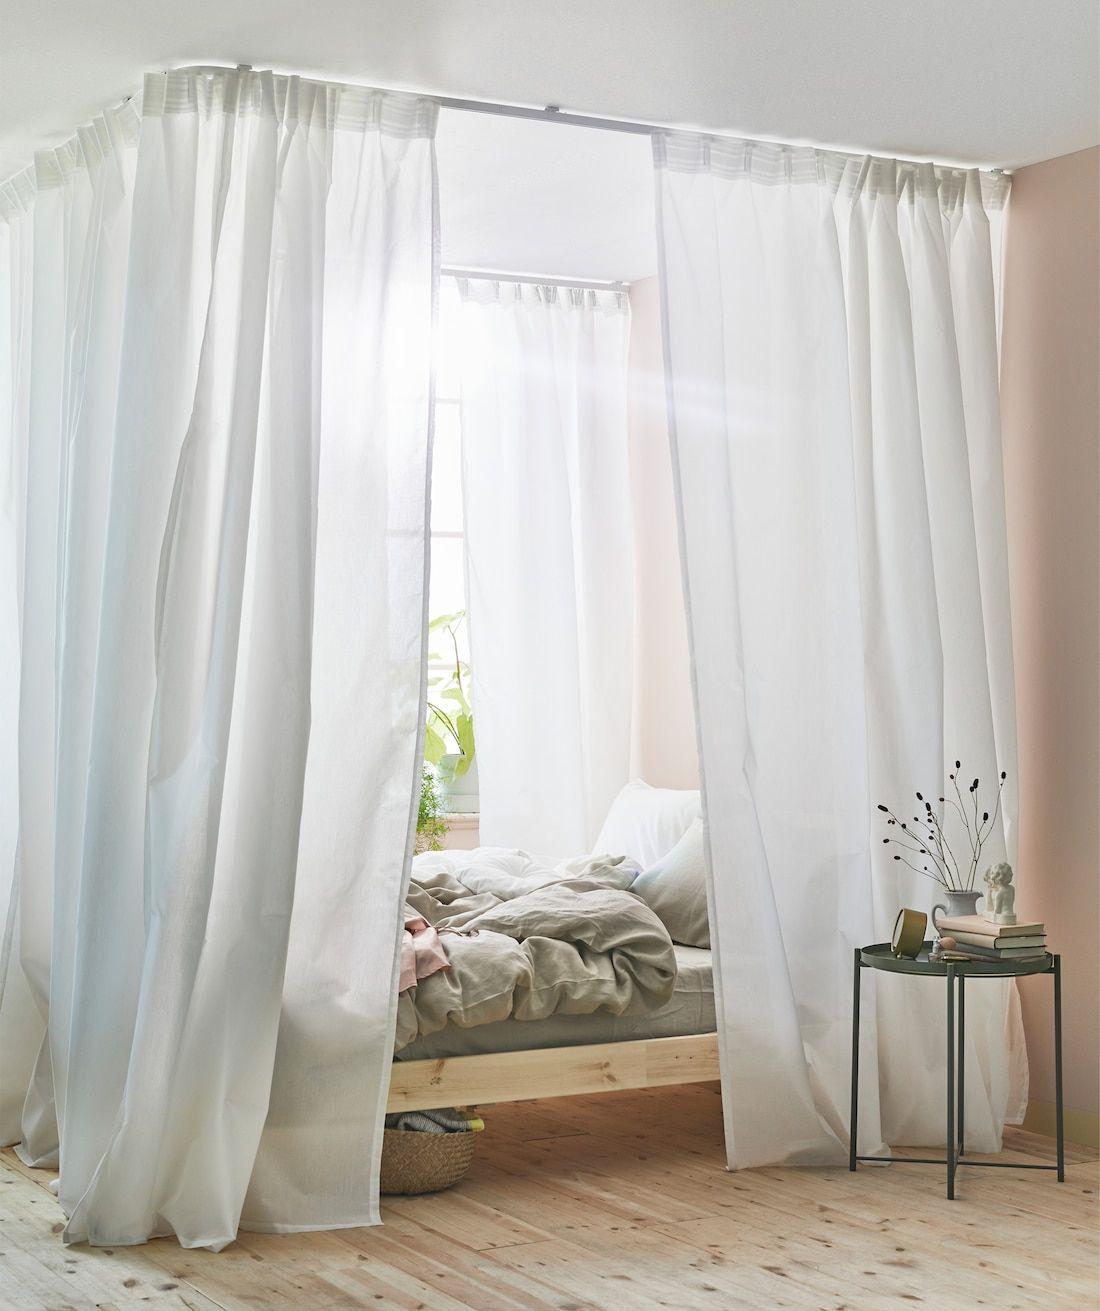 Gardinen Im Schlafzimmer Leicht Gemacht Vorhange Ums Bett